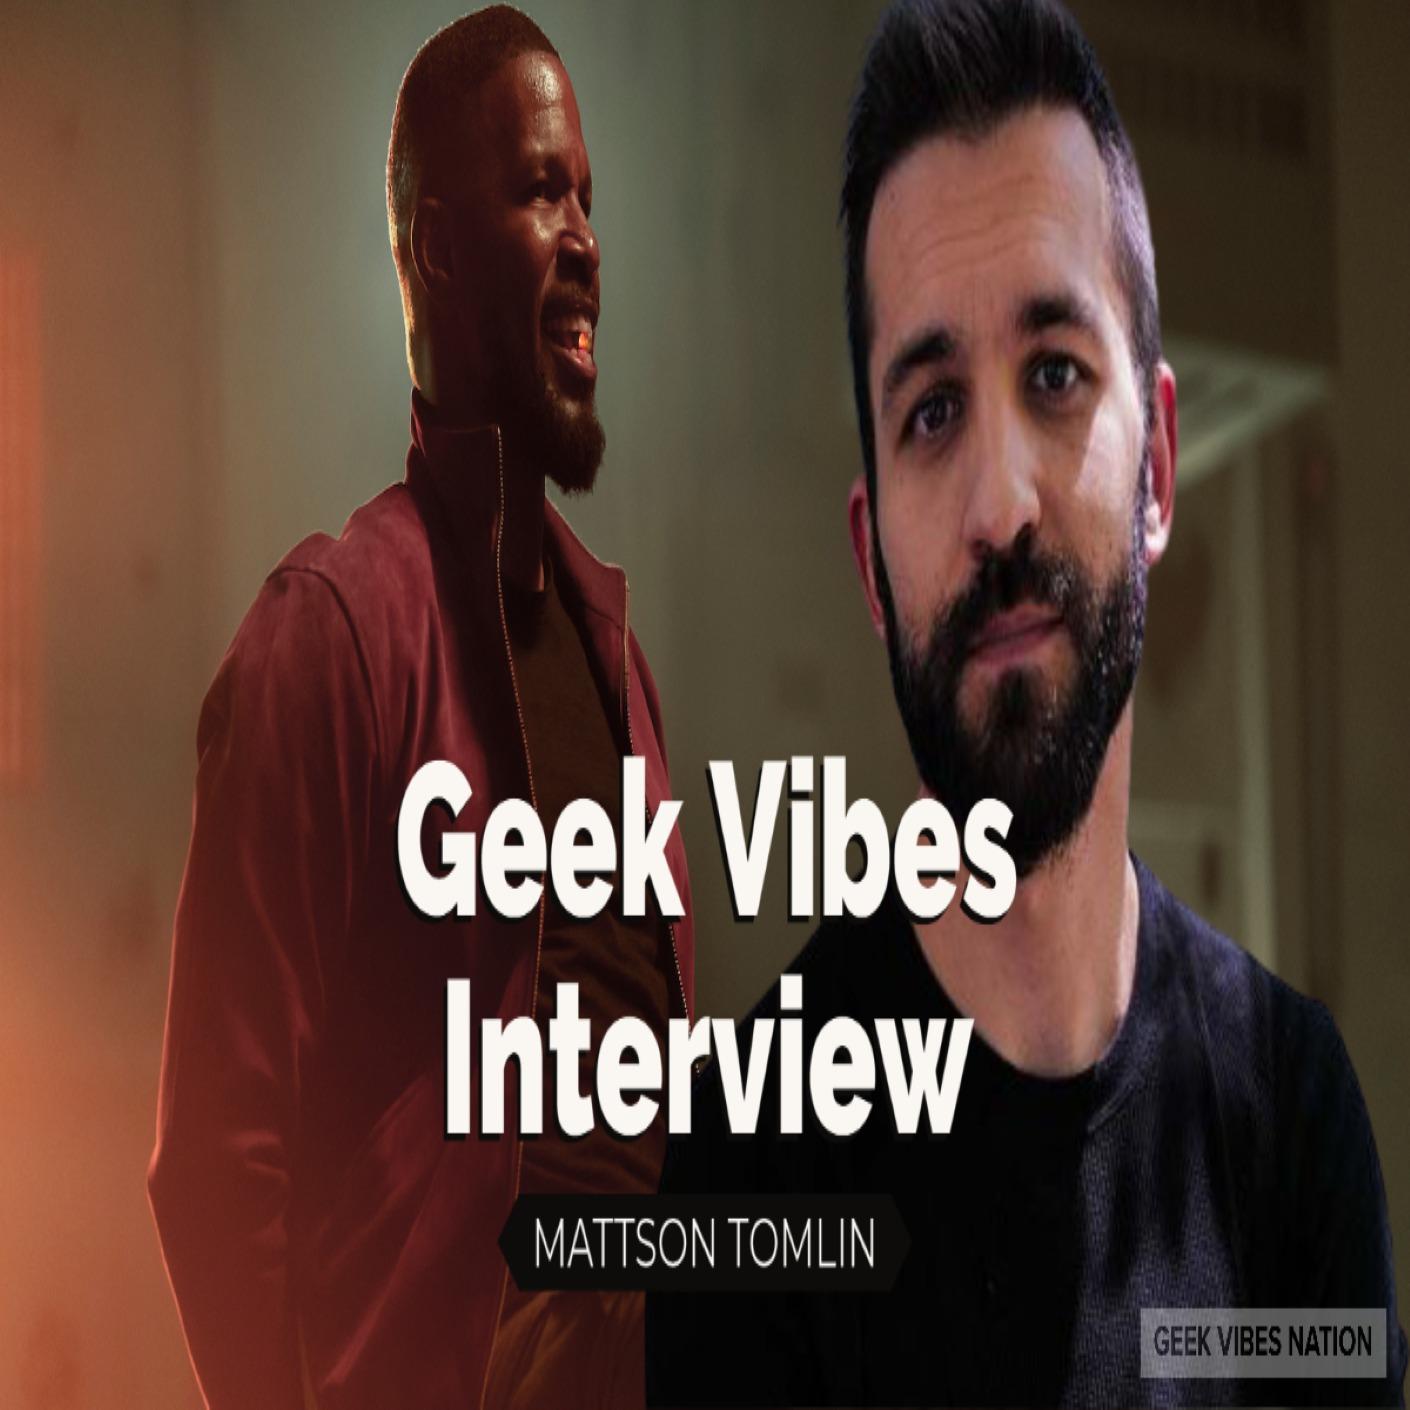 Geek Vibes Interview w/ Mattson Tomlin